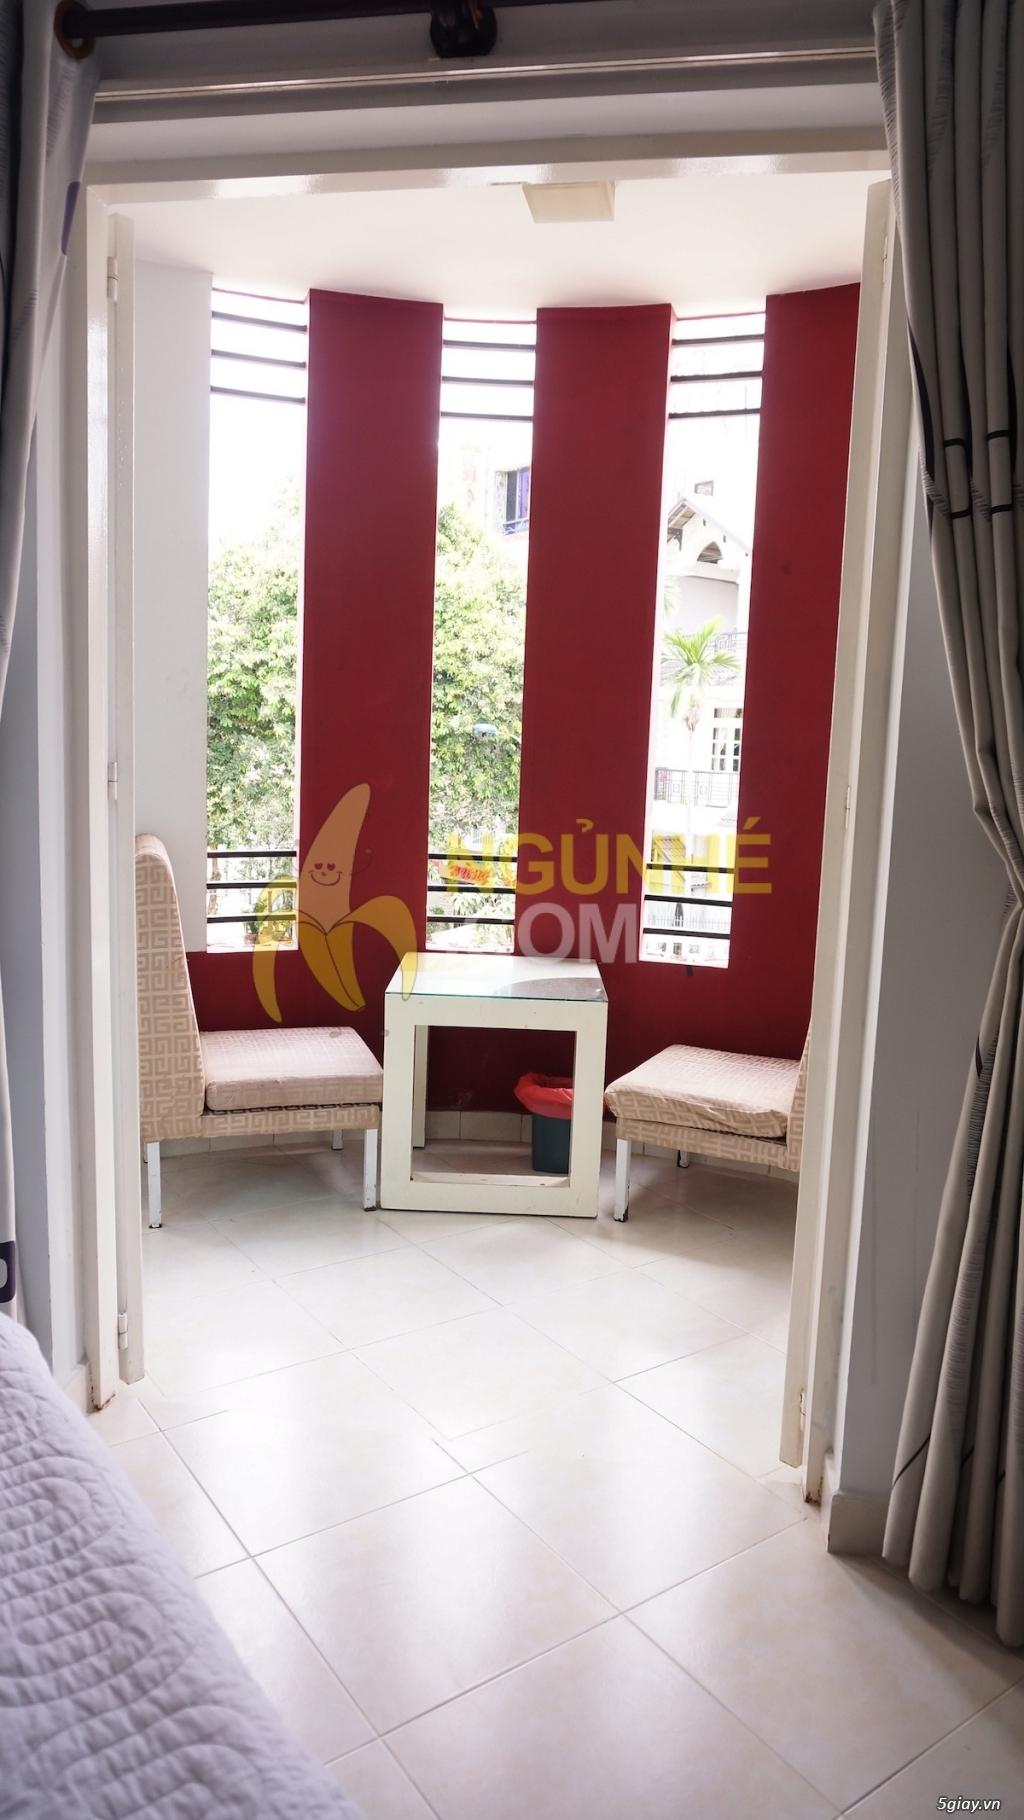 Khách sạn Hoàng Kim siêu khuyến mãi ở khu dân cư Trung Sơn - 16